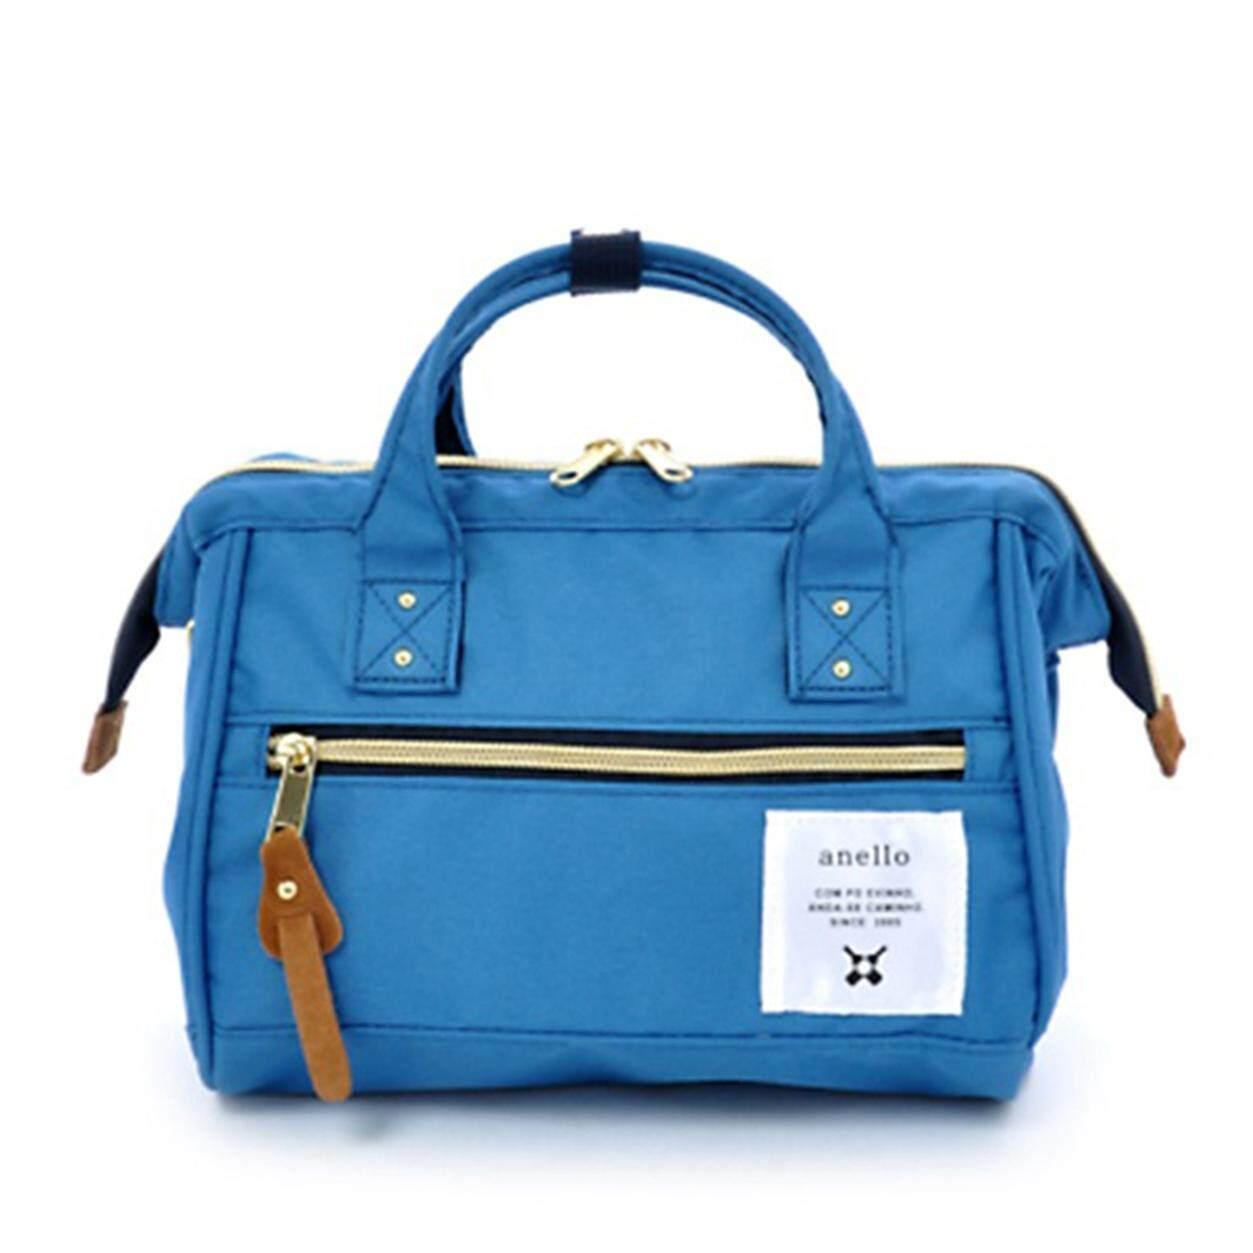 การใช้งาน  ชุมพร Anello กระเป๋าสะพาย สีฟ้า แท้100%